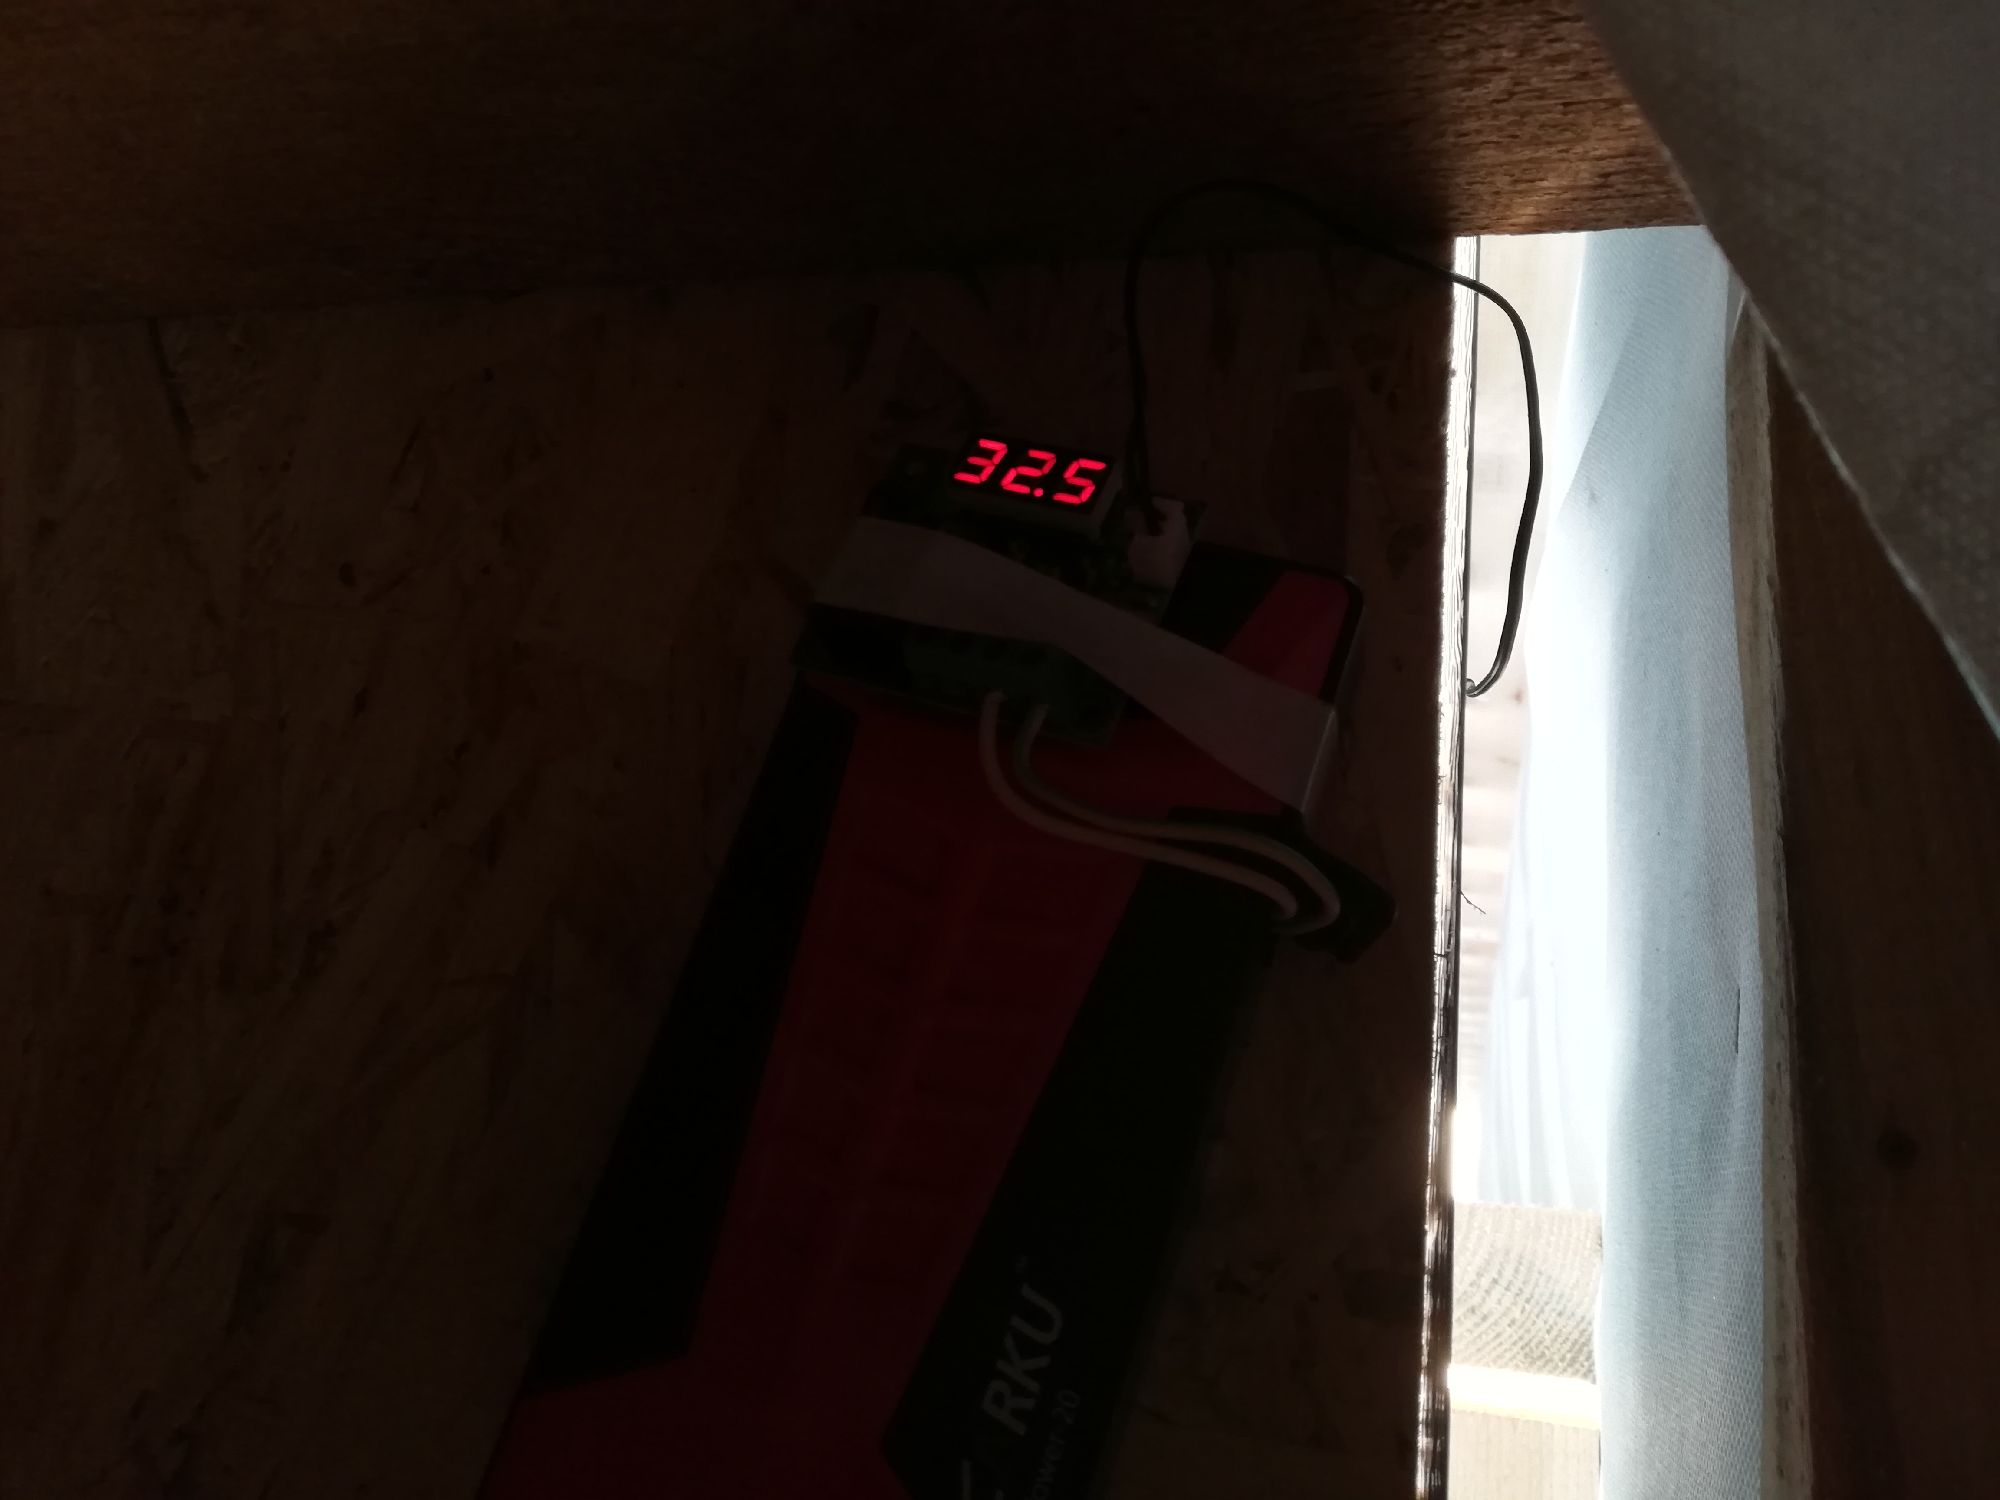 В обед из-под сайдинга поднимается воздух температурой +32.5